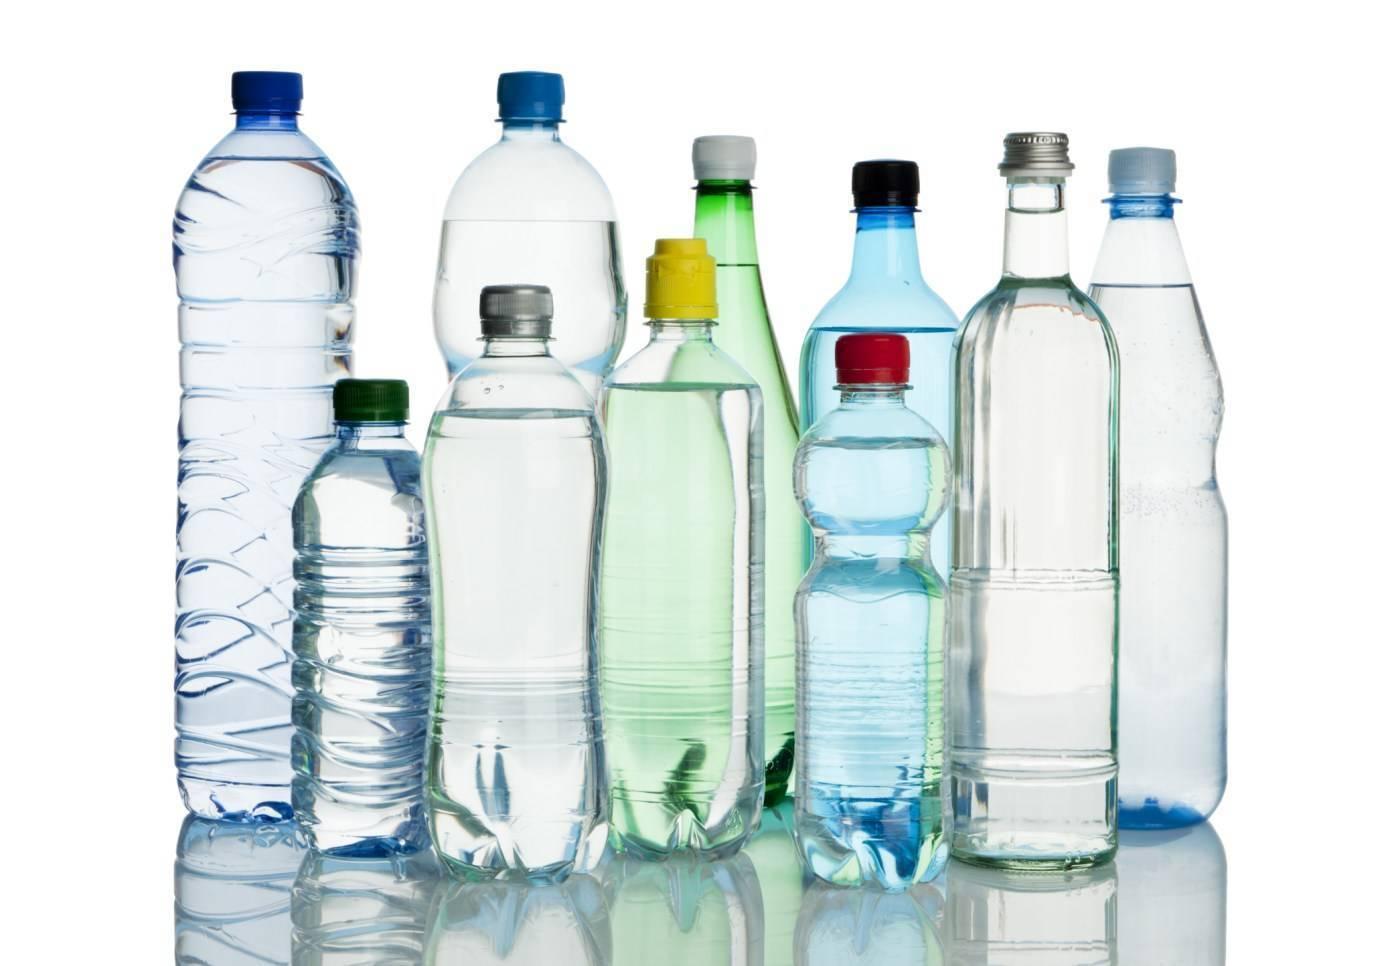 Минеральная вода: как правильно выбрать и пить